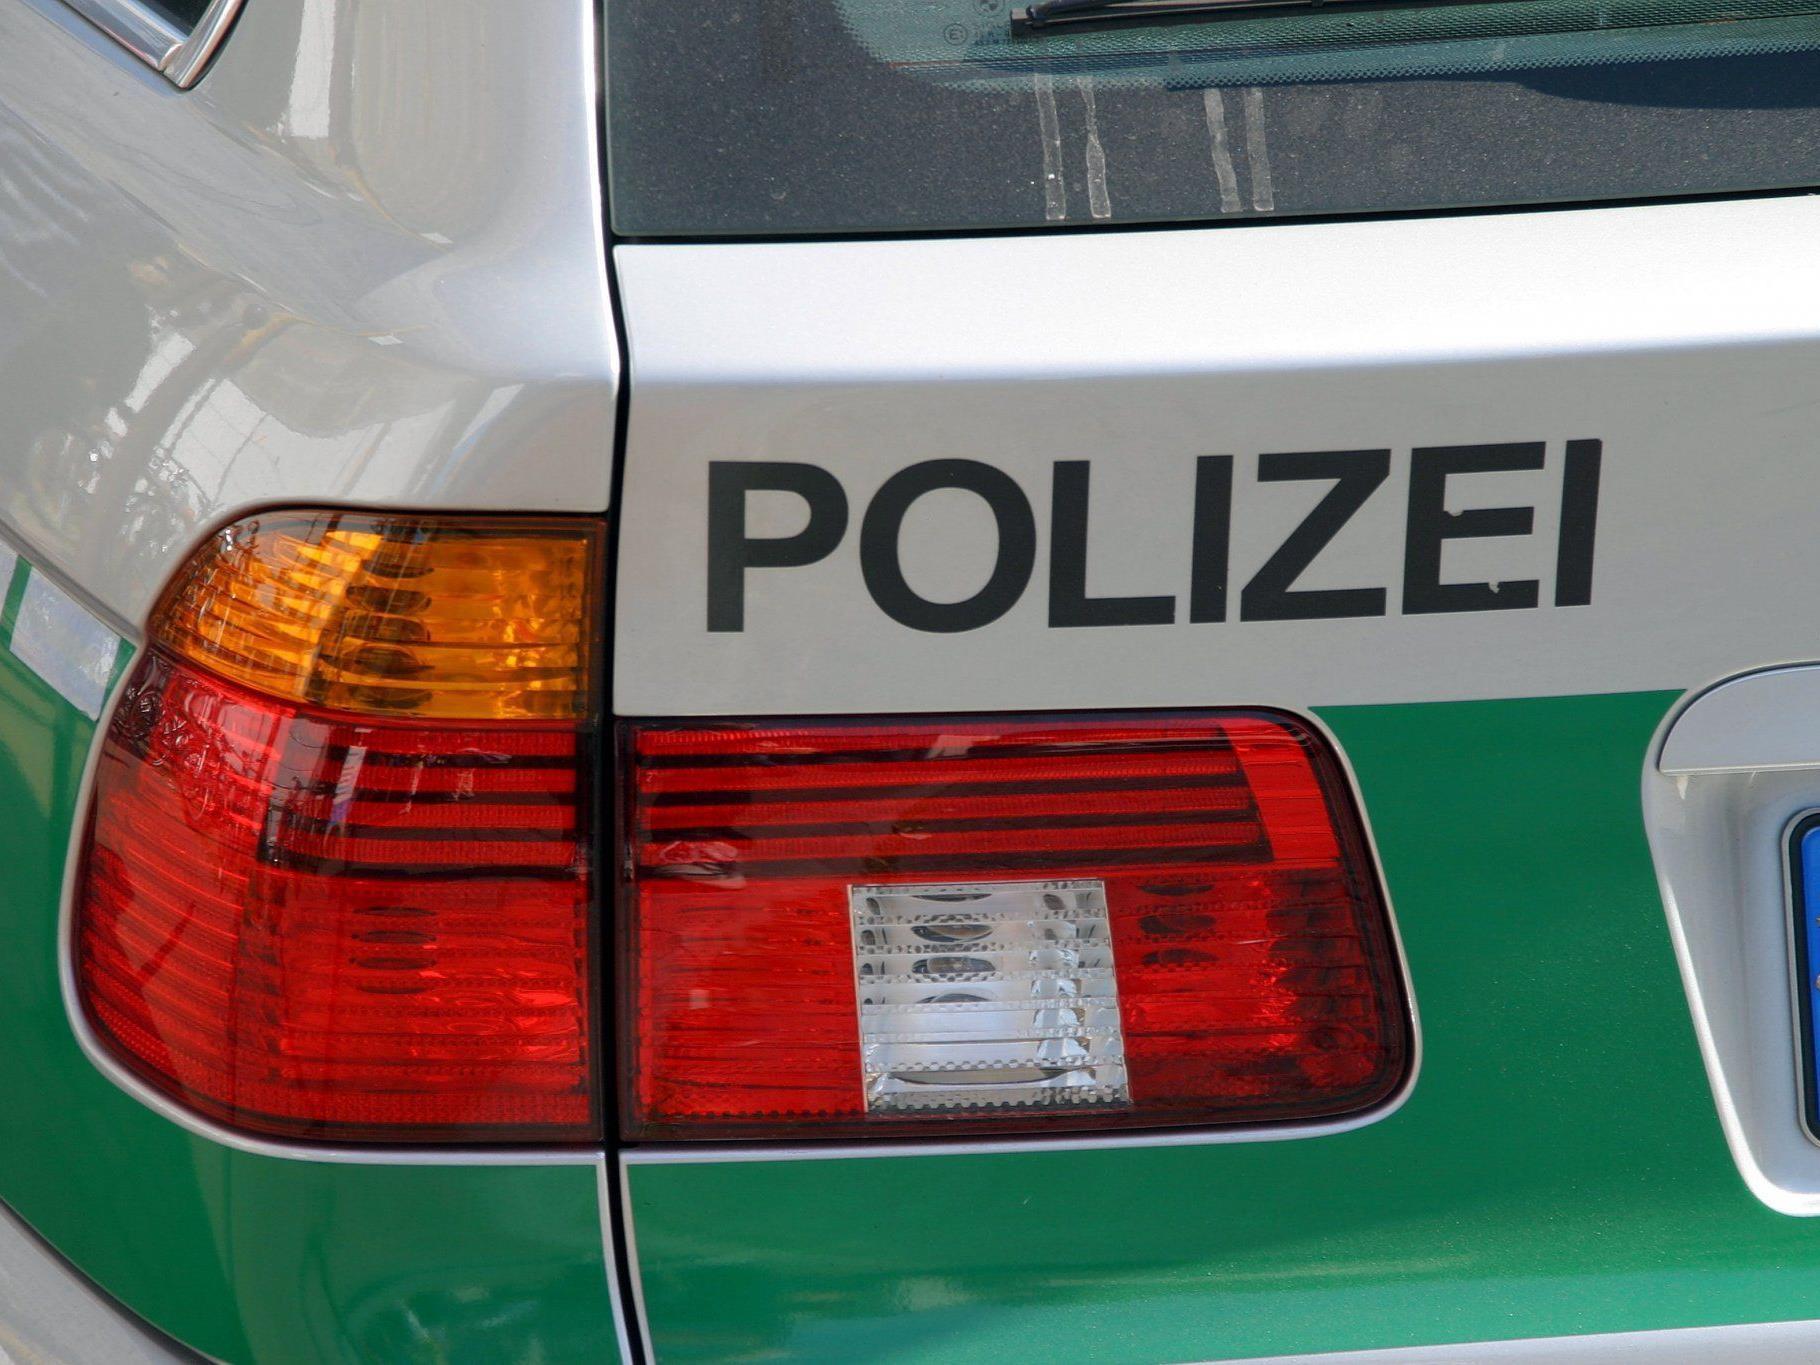 Die 24-jährige Mutter des Kindes befindet sich in Frau in U-Haft.